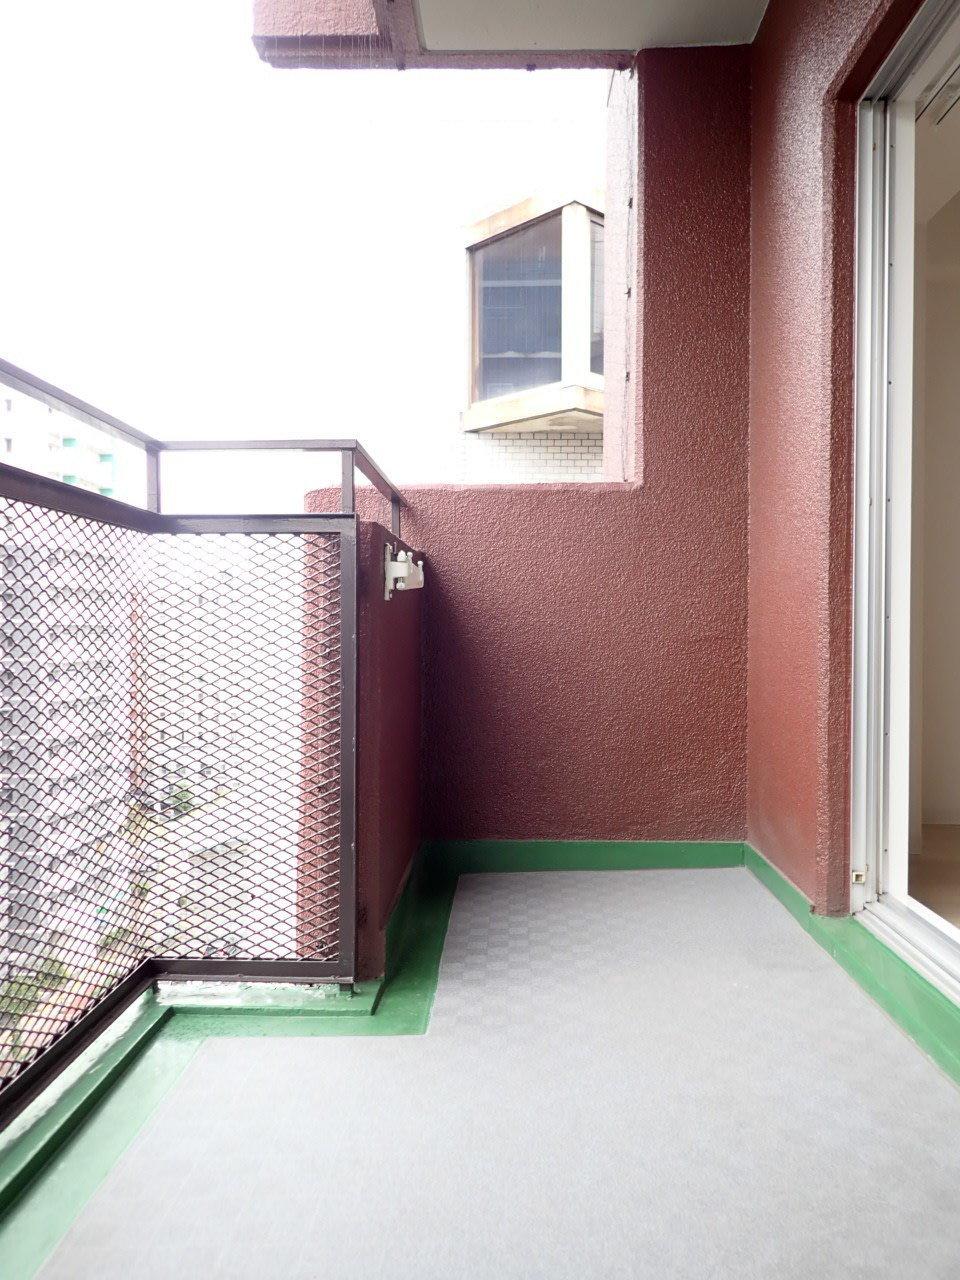 10階のお部屋なので、高さは十分!ベランダのスペースも広いので、椅子を置いてのんびりすることもできそう。